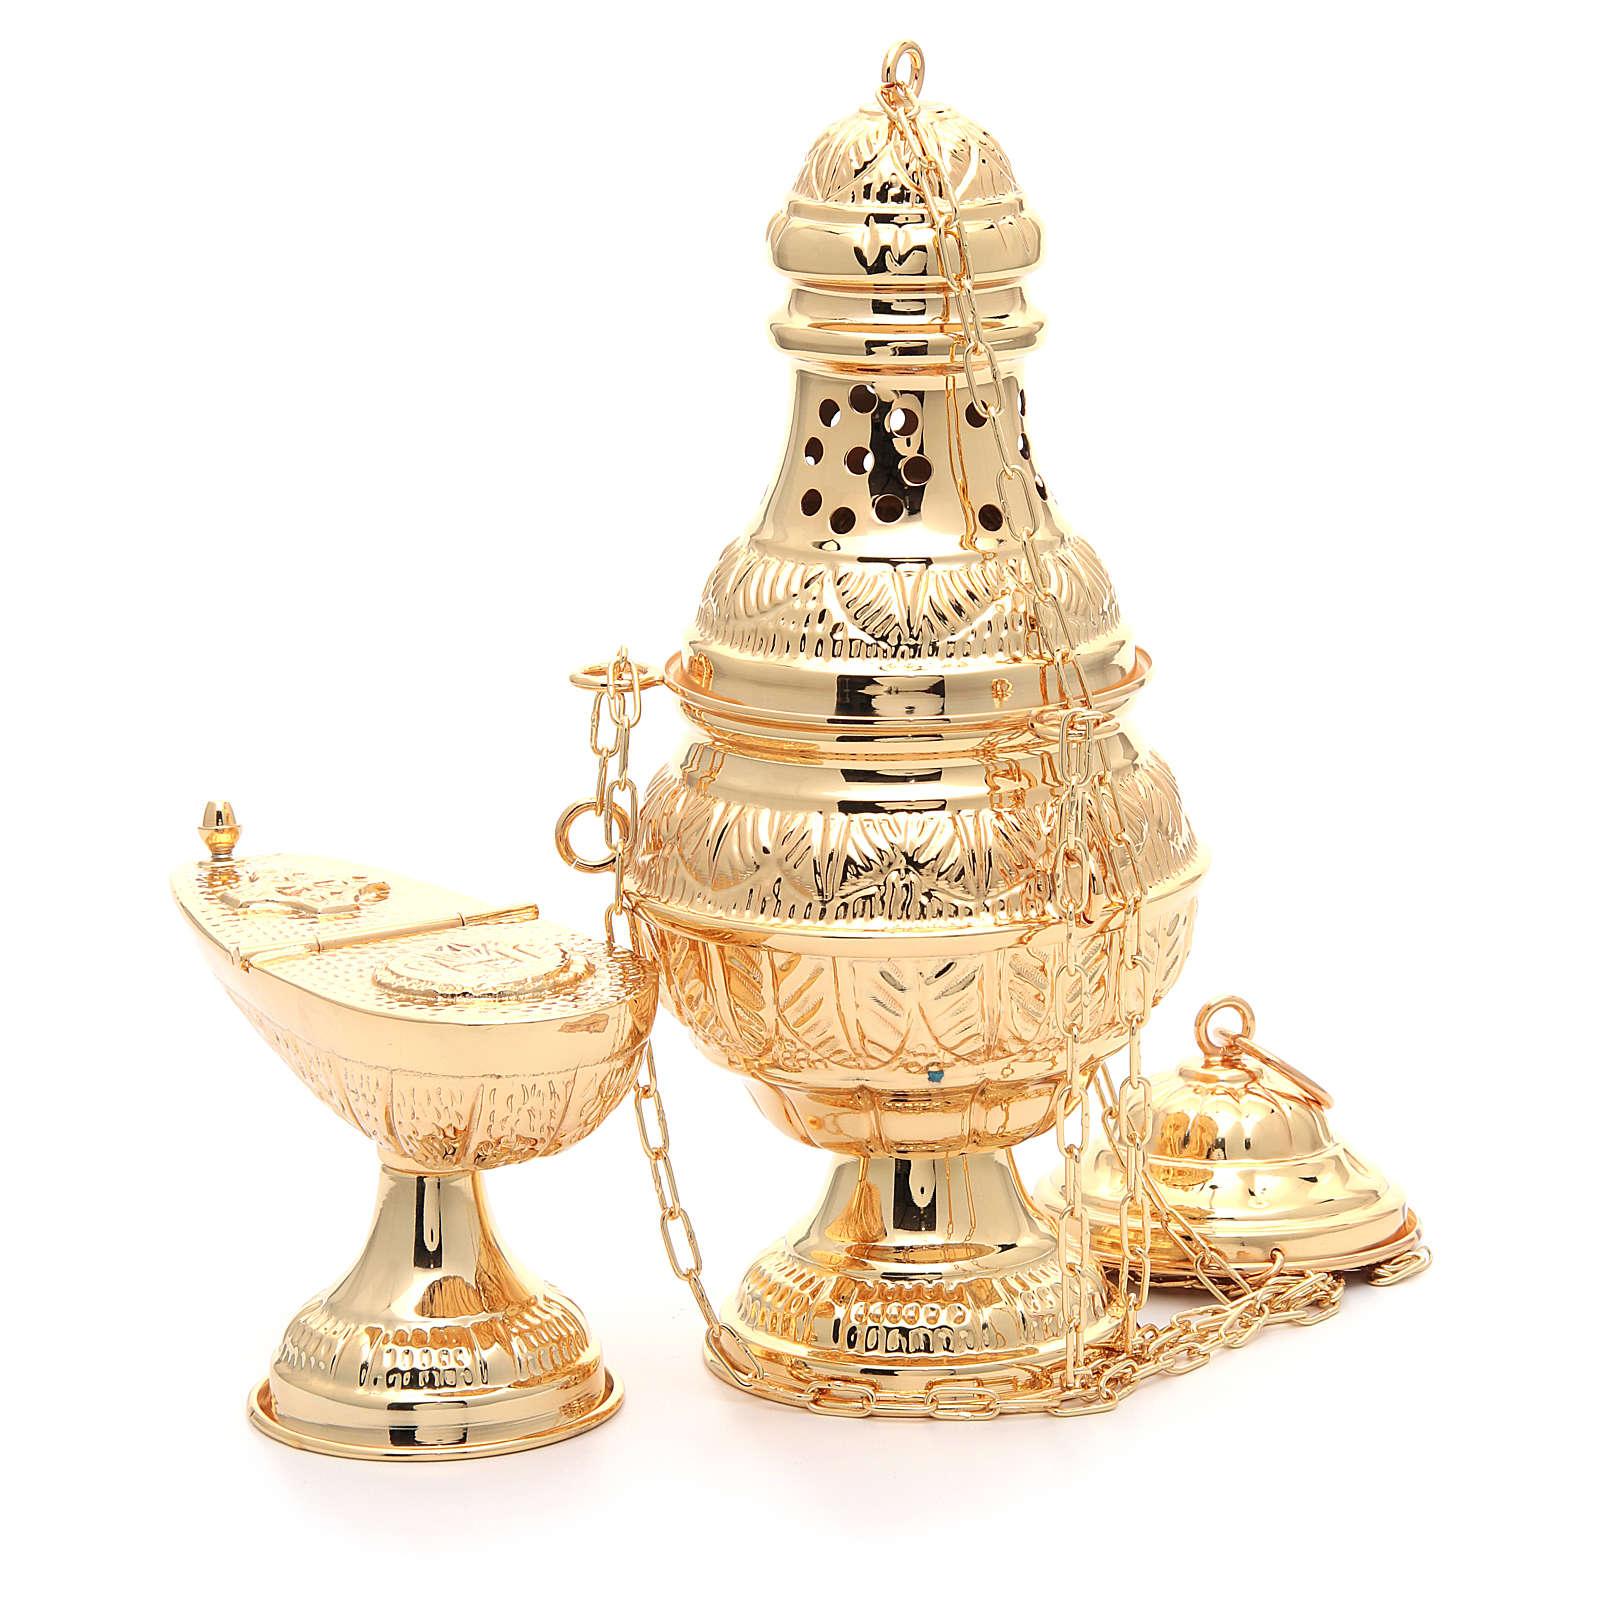 Encensoir avec navette ovale laiton moulé ciselé doré 3